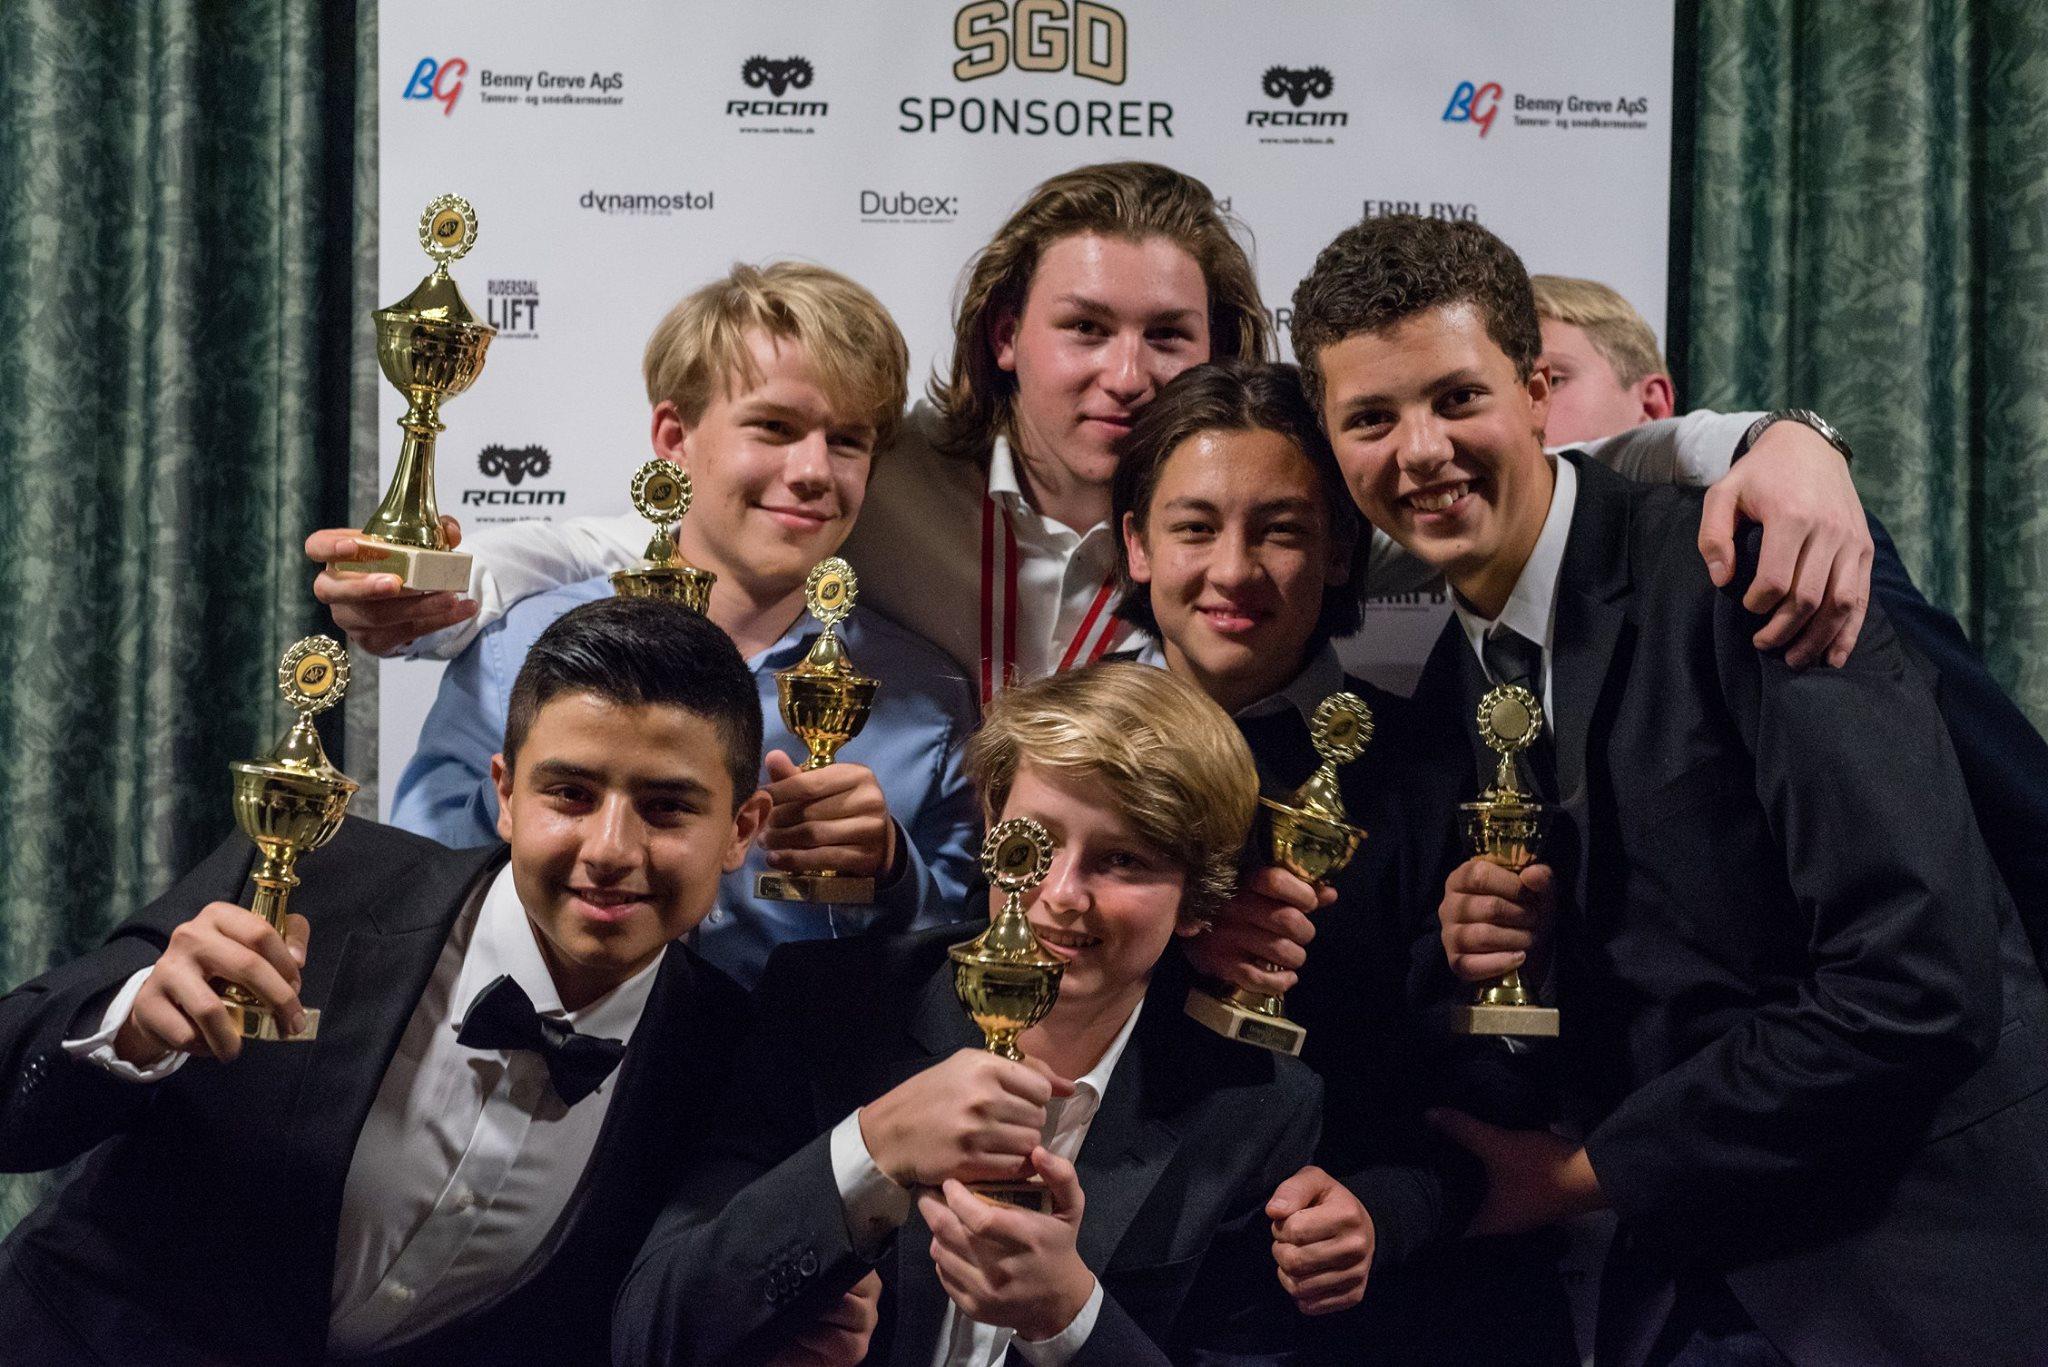 Alle U16 awardvinderne - Sbtn Photography